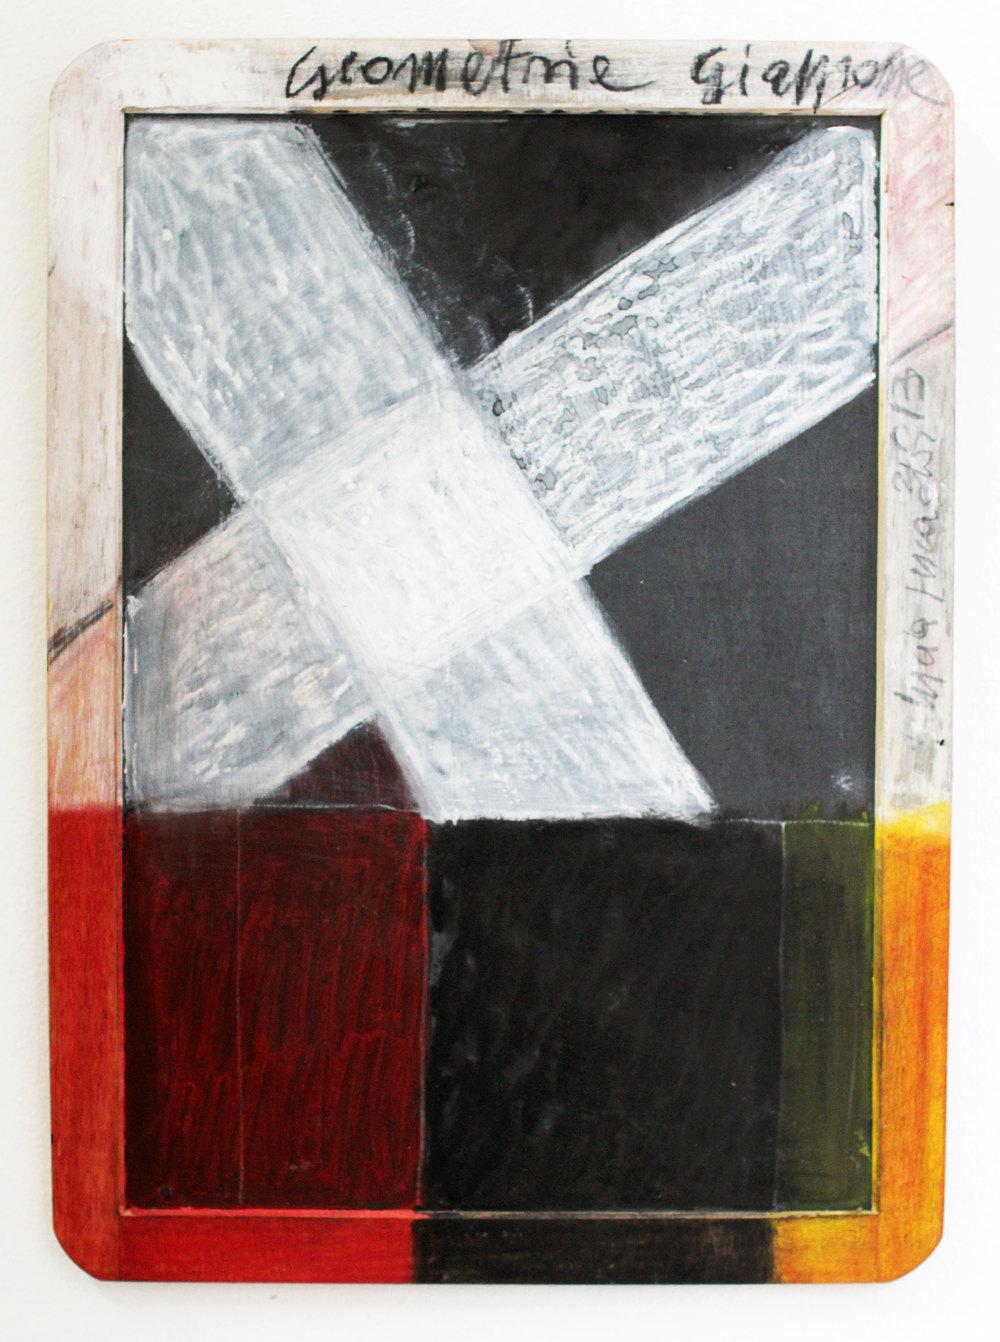 Wundernacht kammer Per Ettore Sottsass, 2012